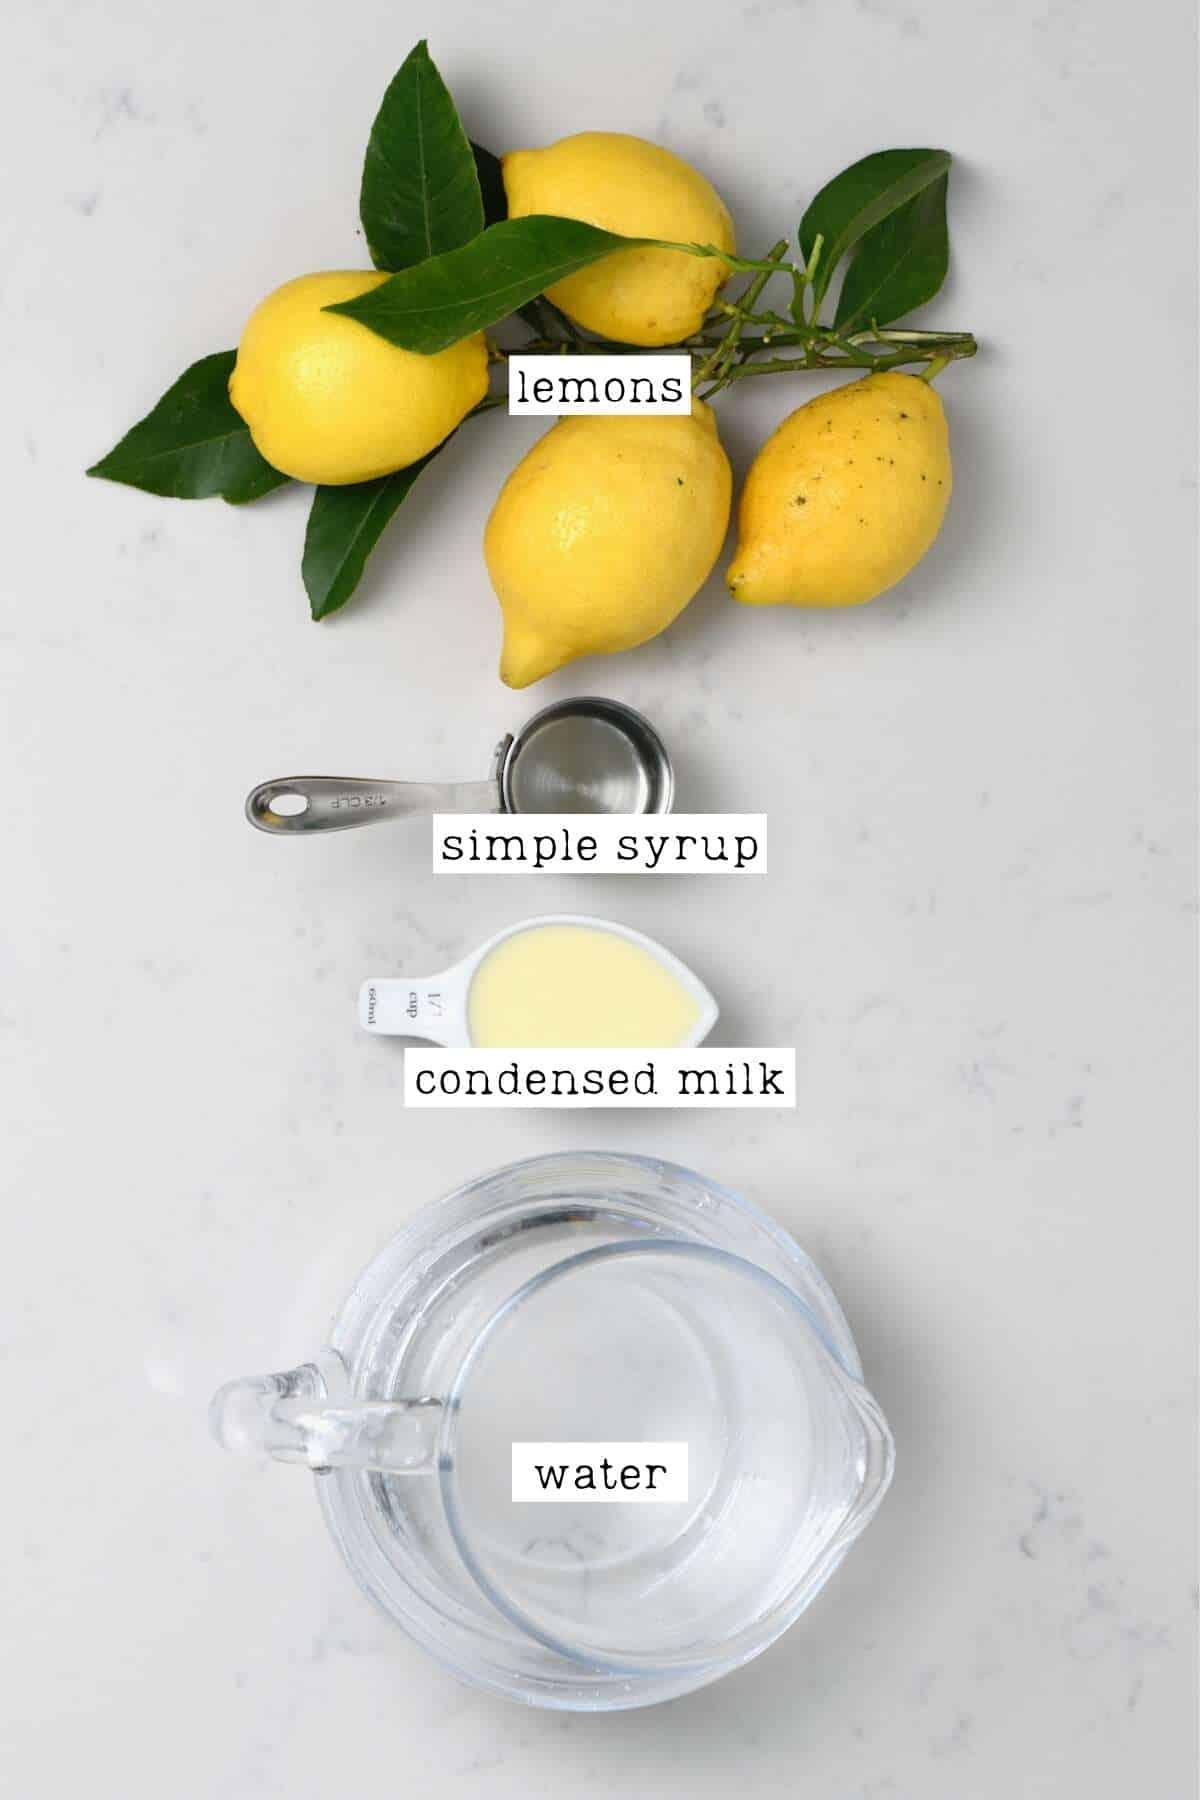 Ingredients for creamy lemonade